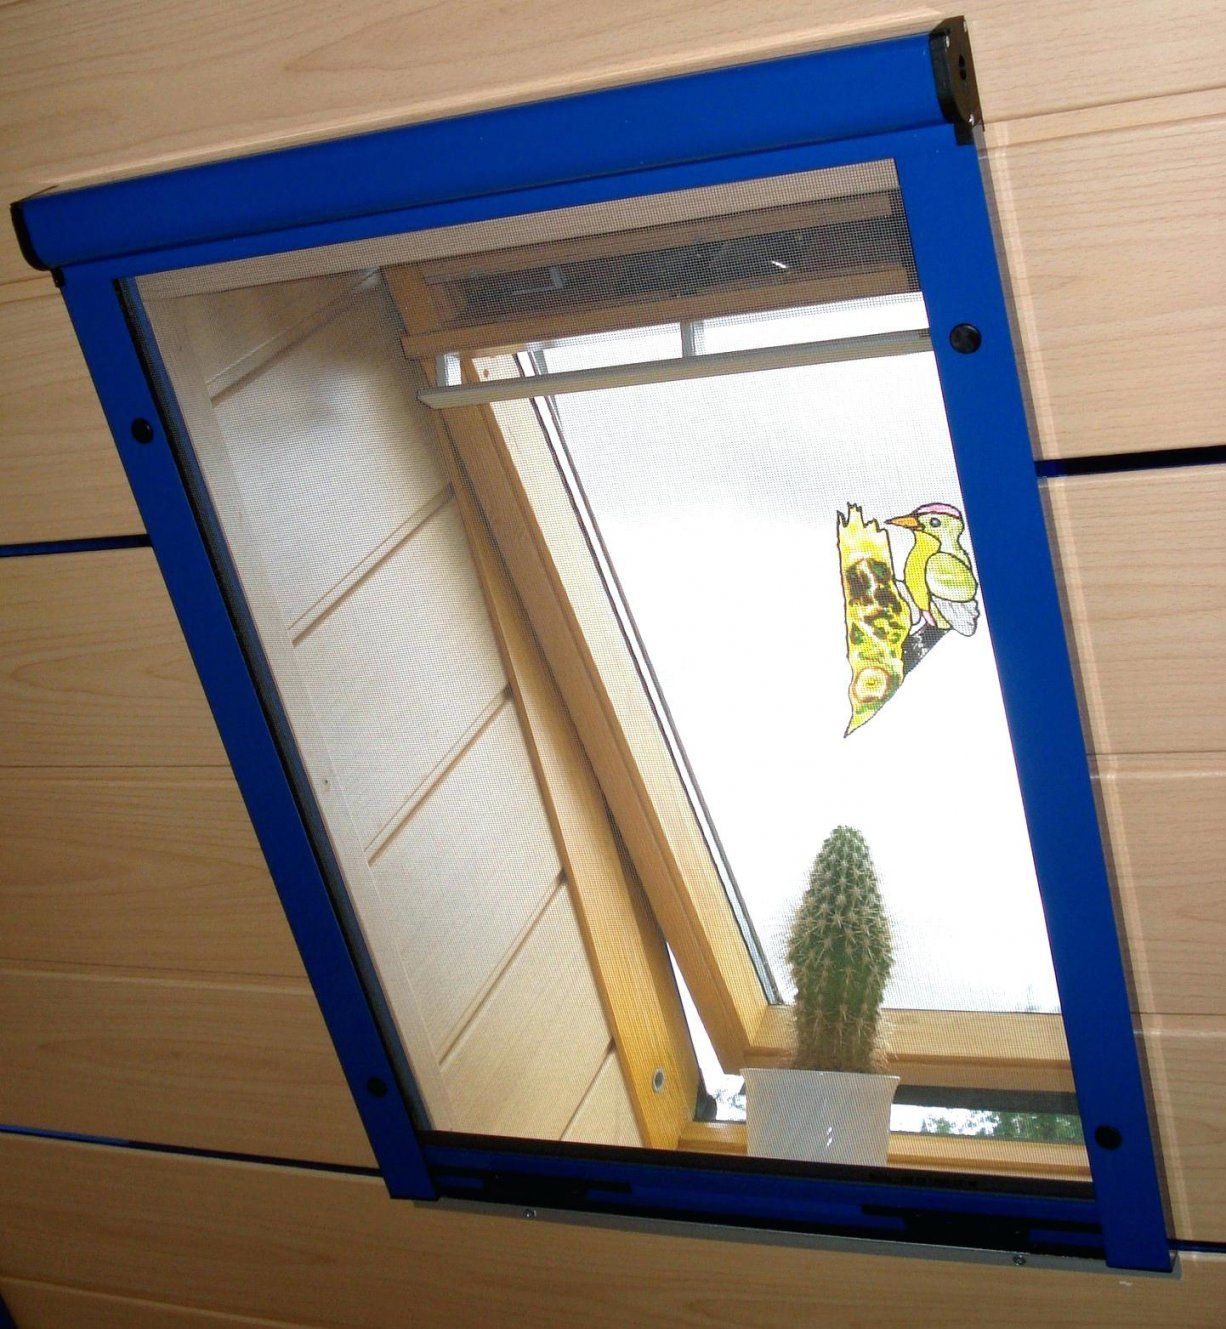 Rollos Fur Dachfenster Plissee Ohne Bohren Selber Nahen Rollo Roto von Roto Dachfenster Plissee Ohne Bohren Bild